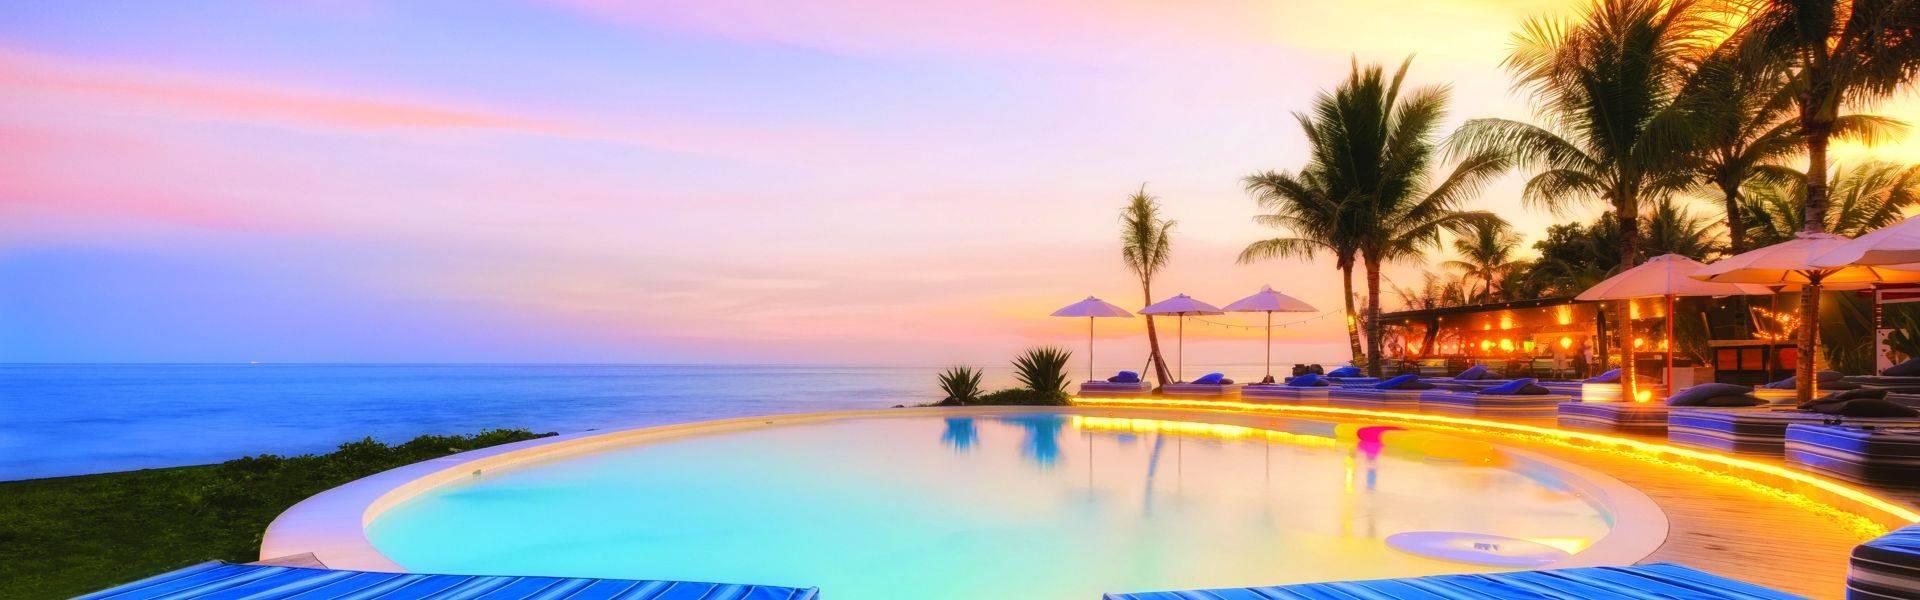 Komune-Bali-scenic-pool-sky.jpg